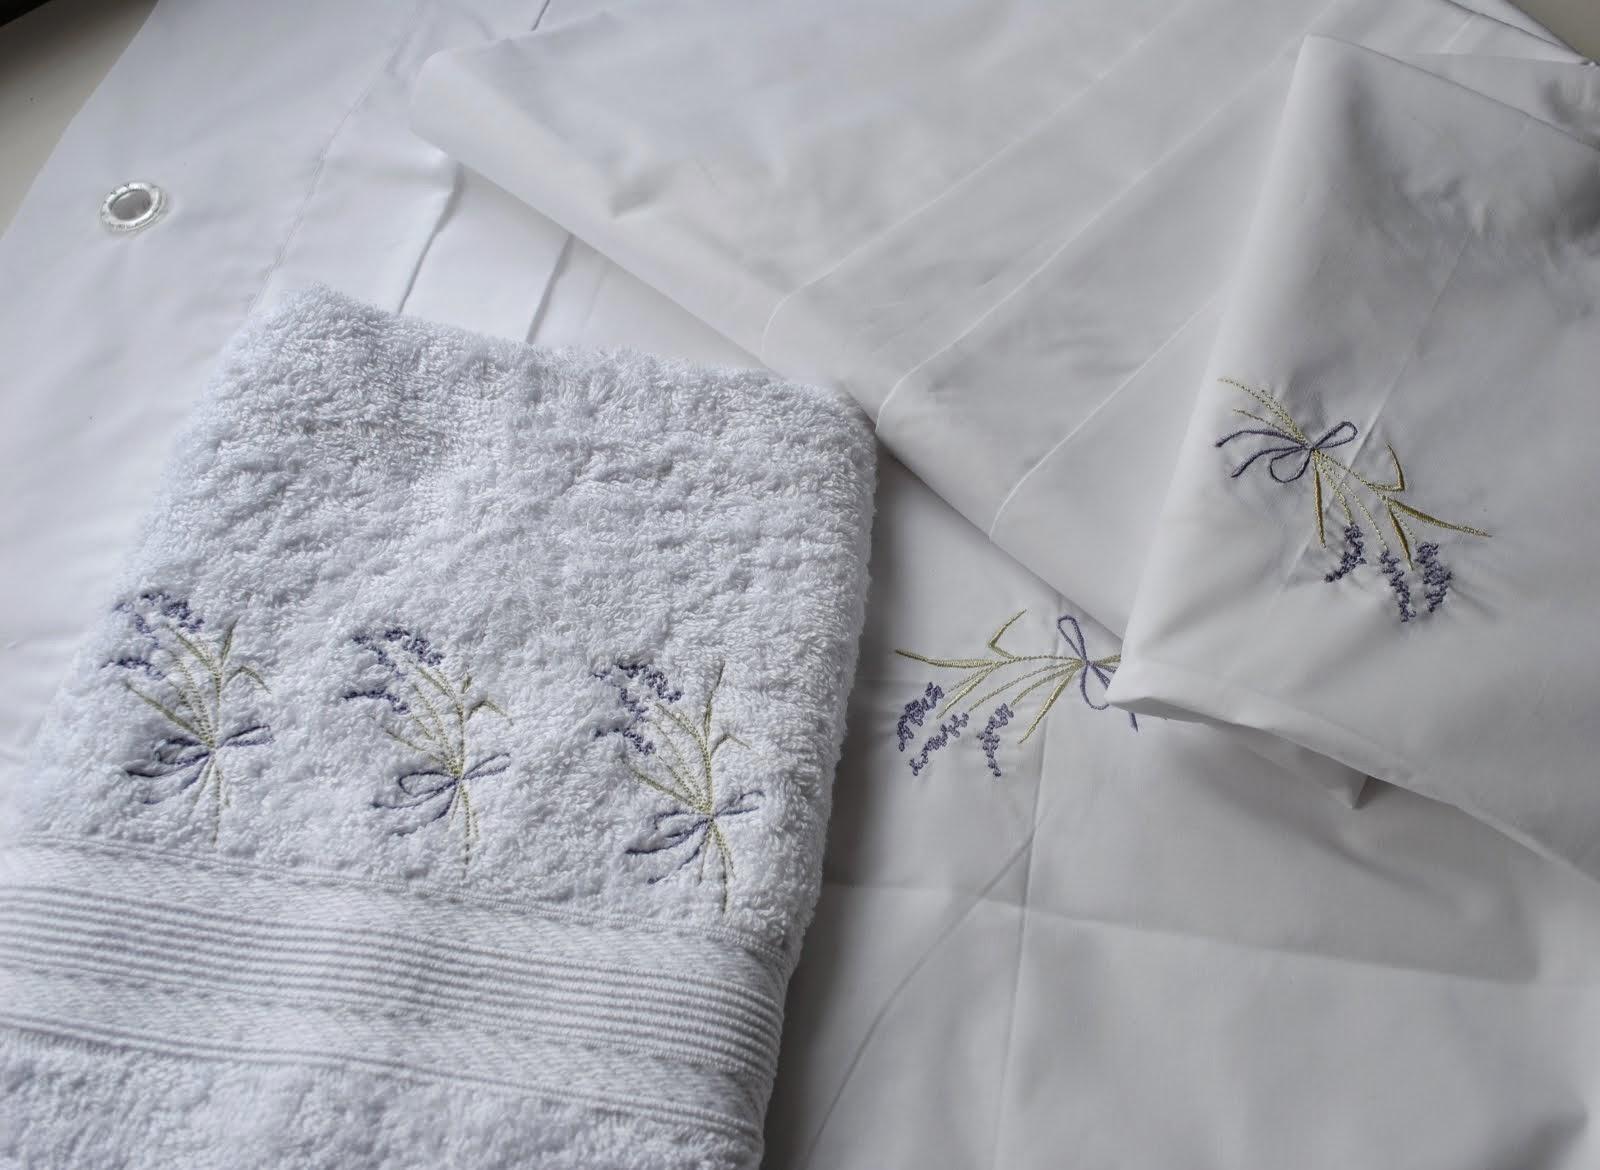 Paz Montealegre Decoraci N Cojines Decorativos Cojines Largos  ~ Cortinas De Ganchillo Para Baño